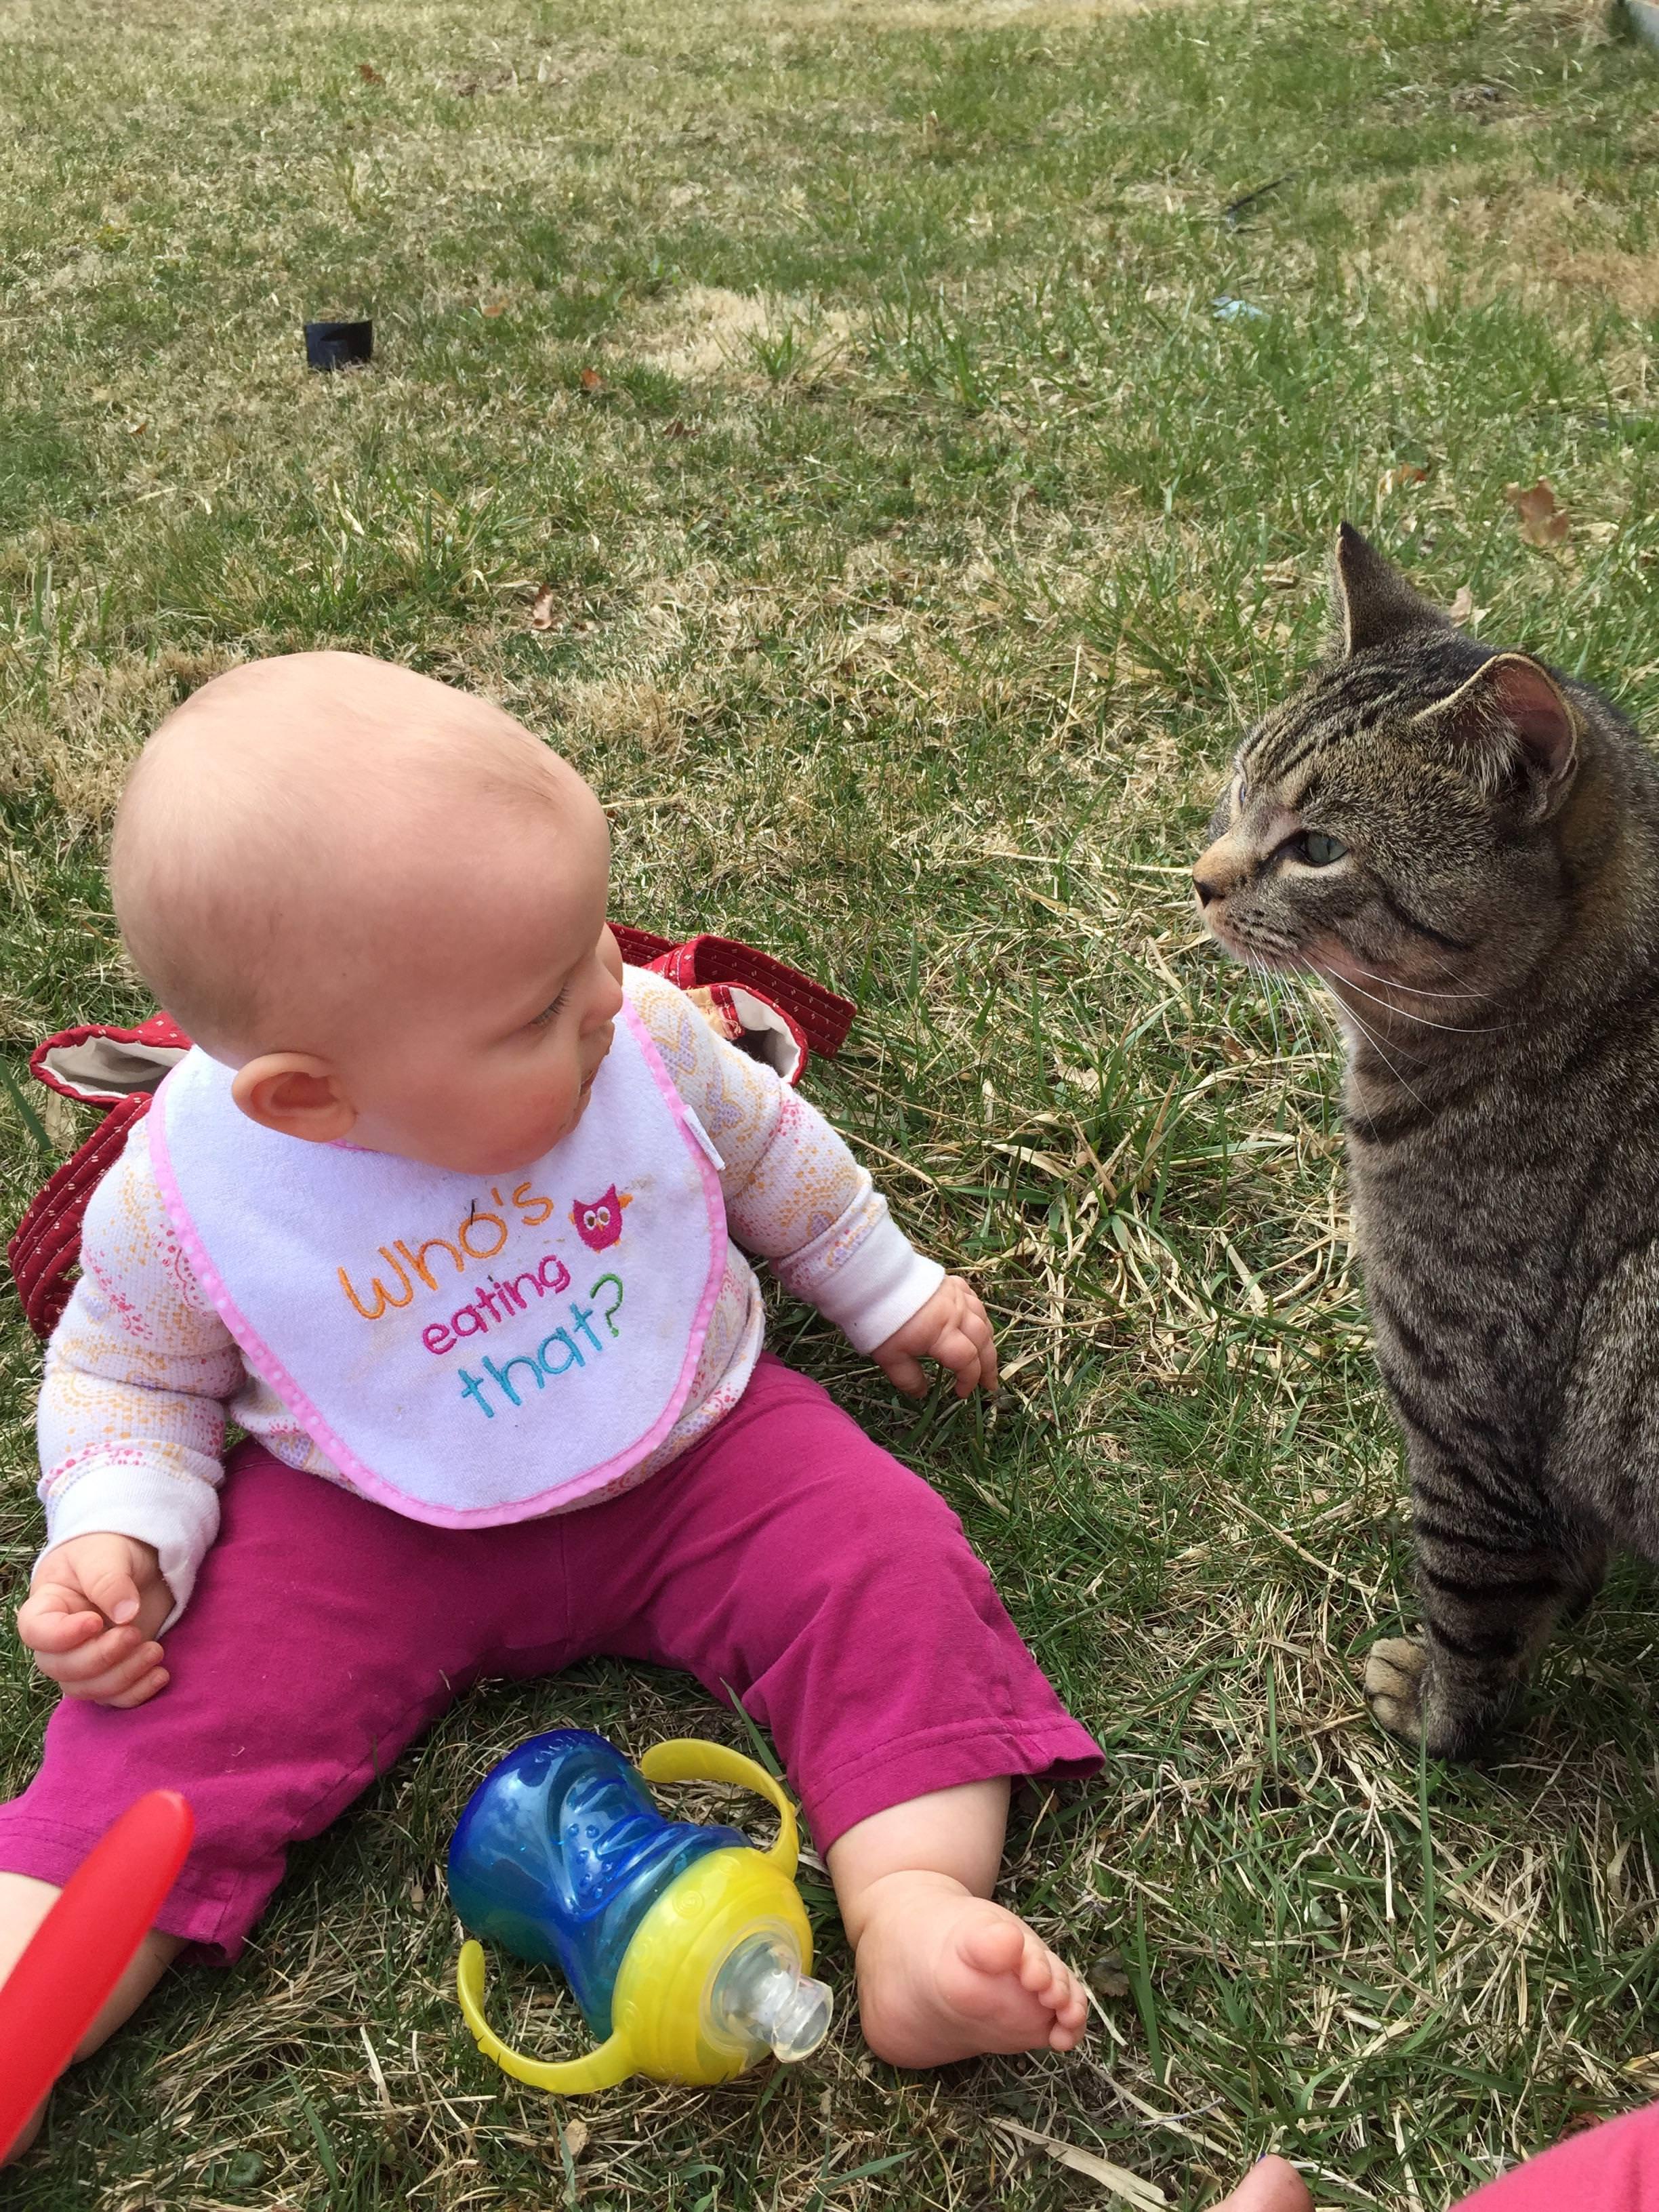 一緒に遊ぶ赤ちゃんと猫